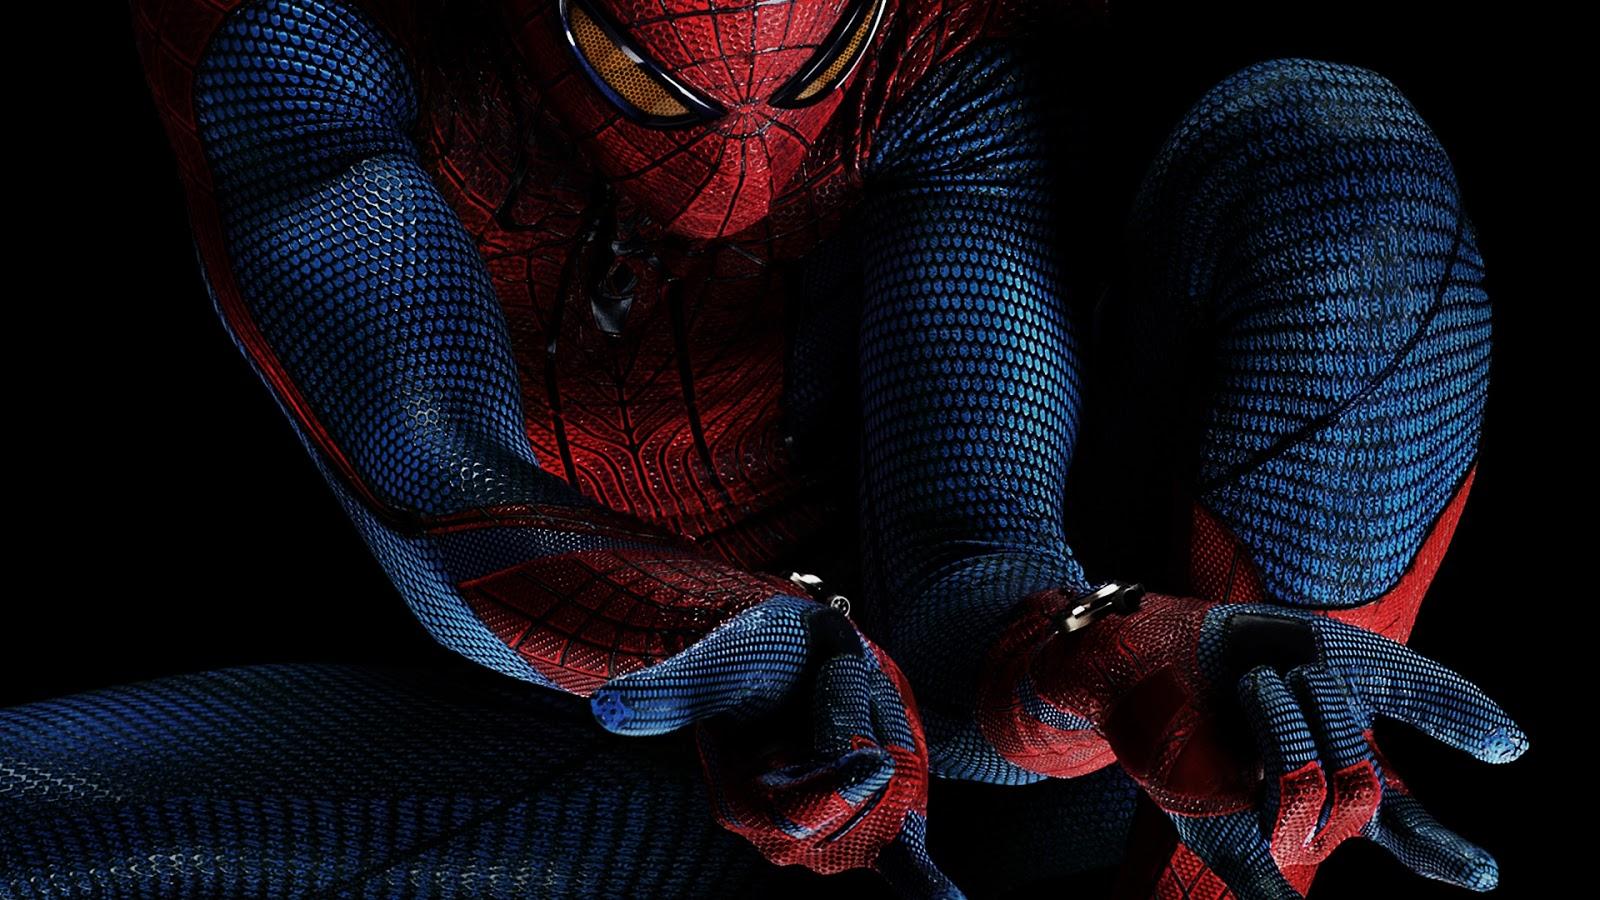 Spiderman Pics Full HD